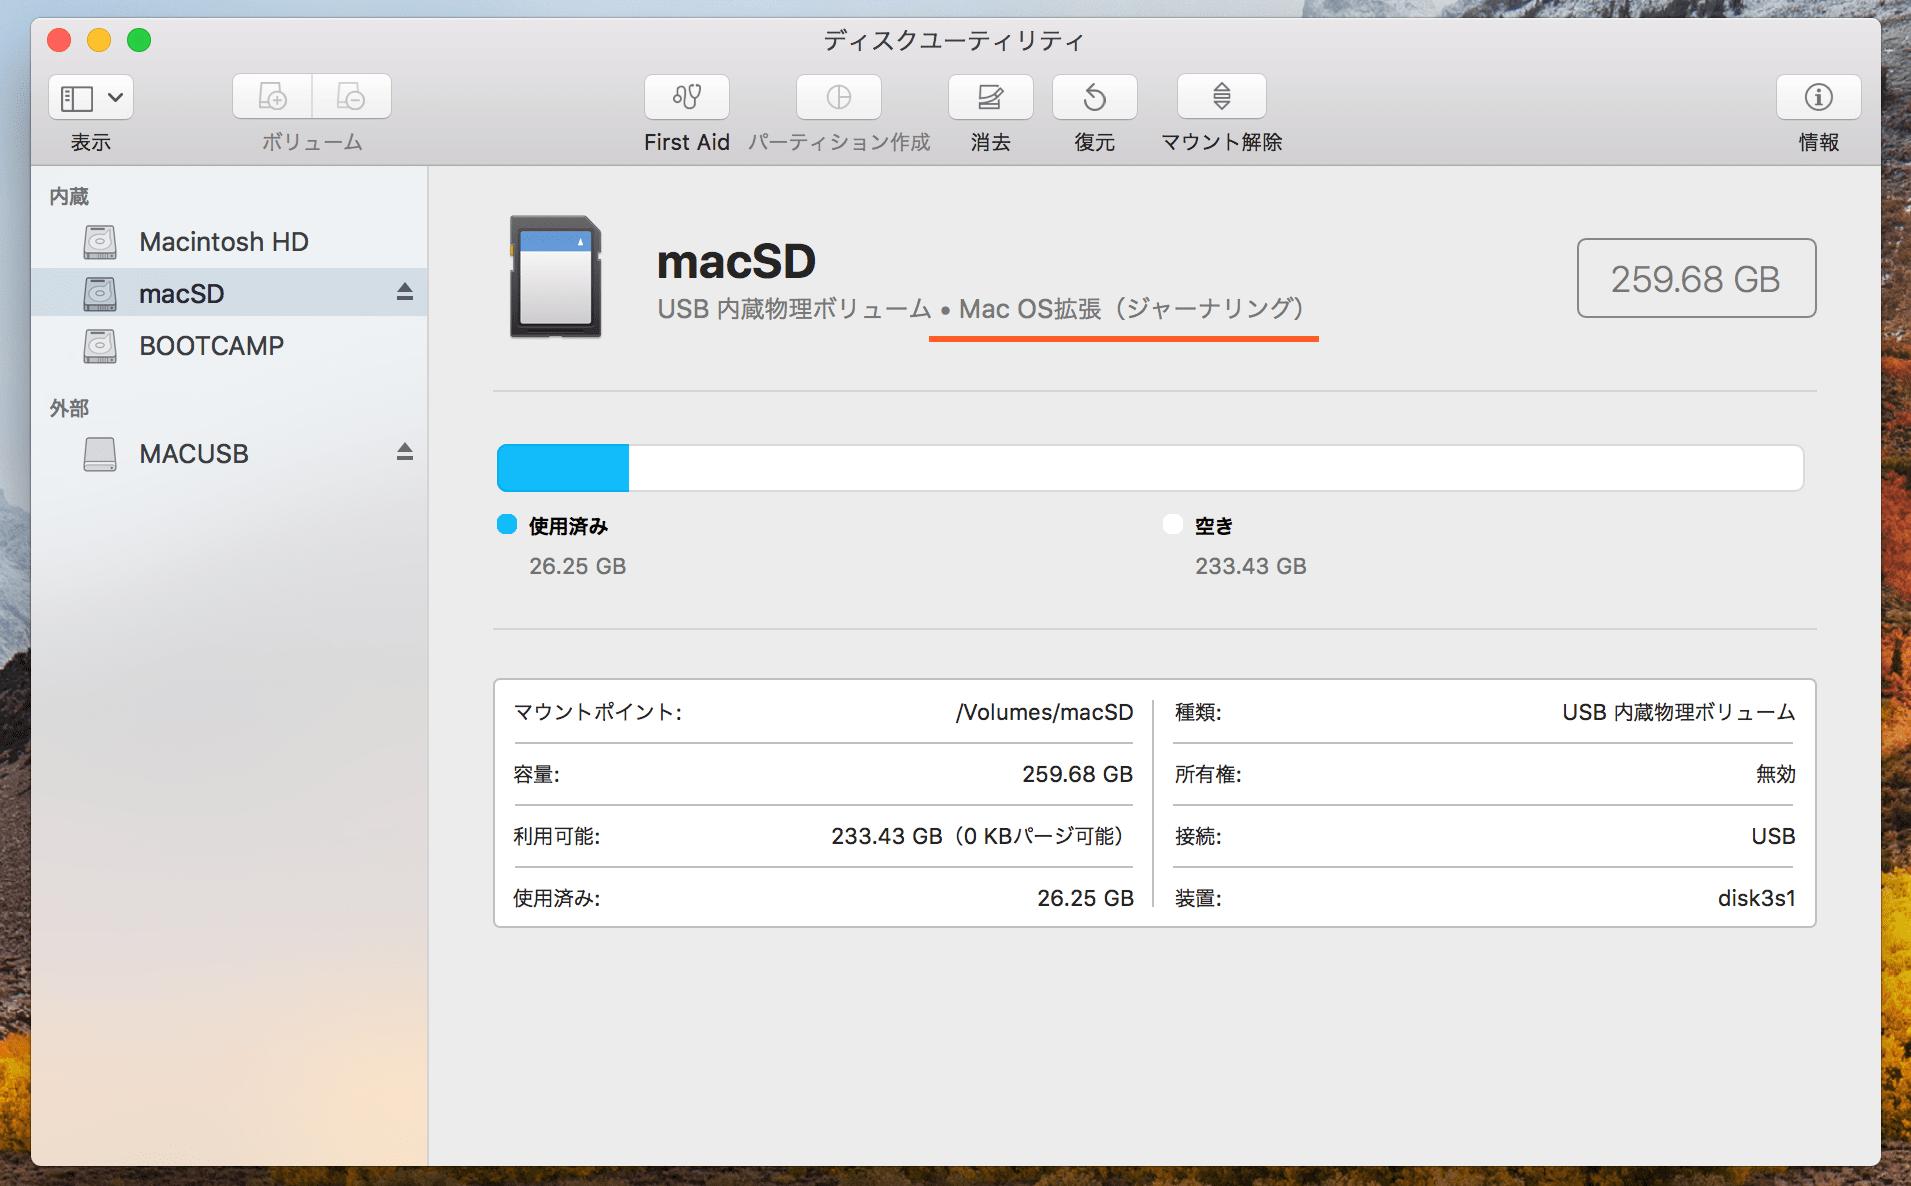 ディスクユーティリティのスクリーンショット